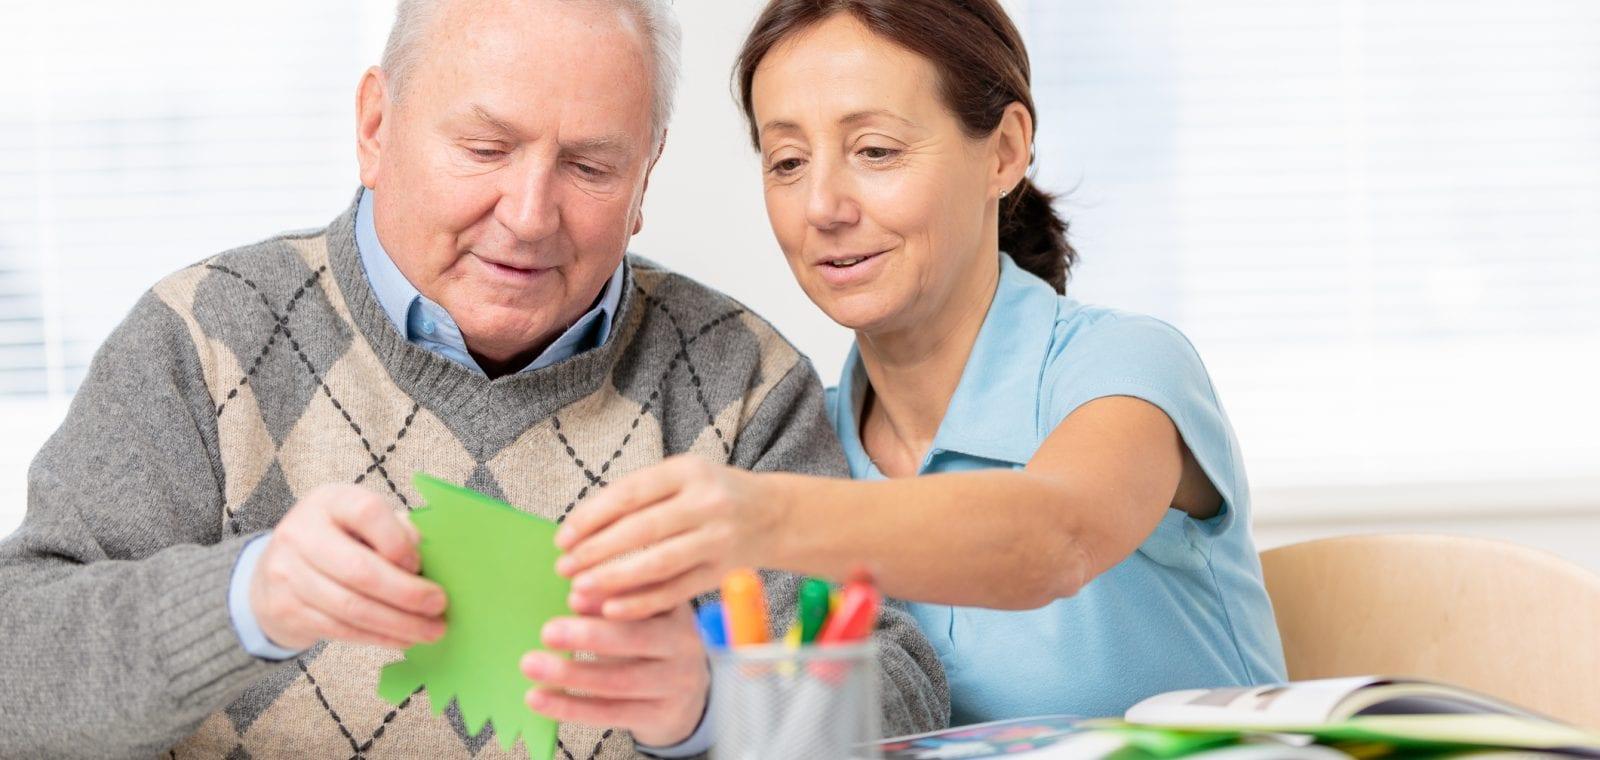 Senior man cutting paper with scissors